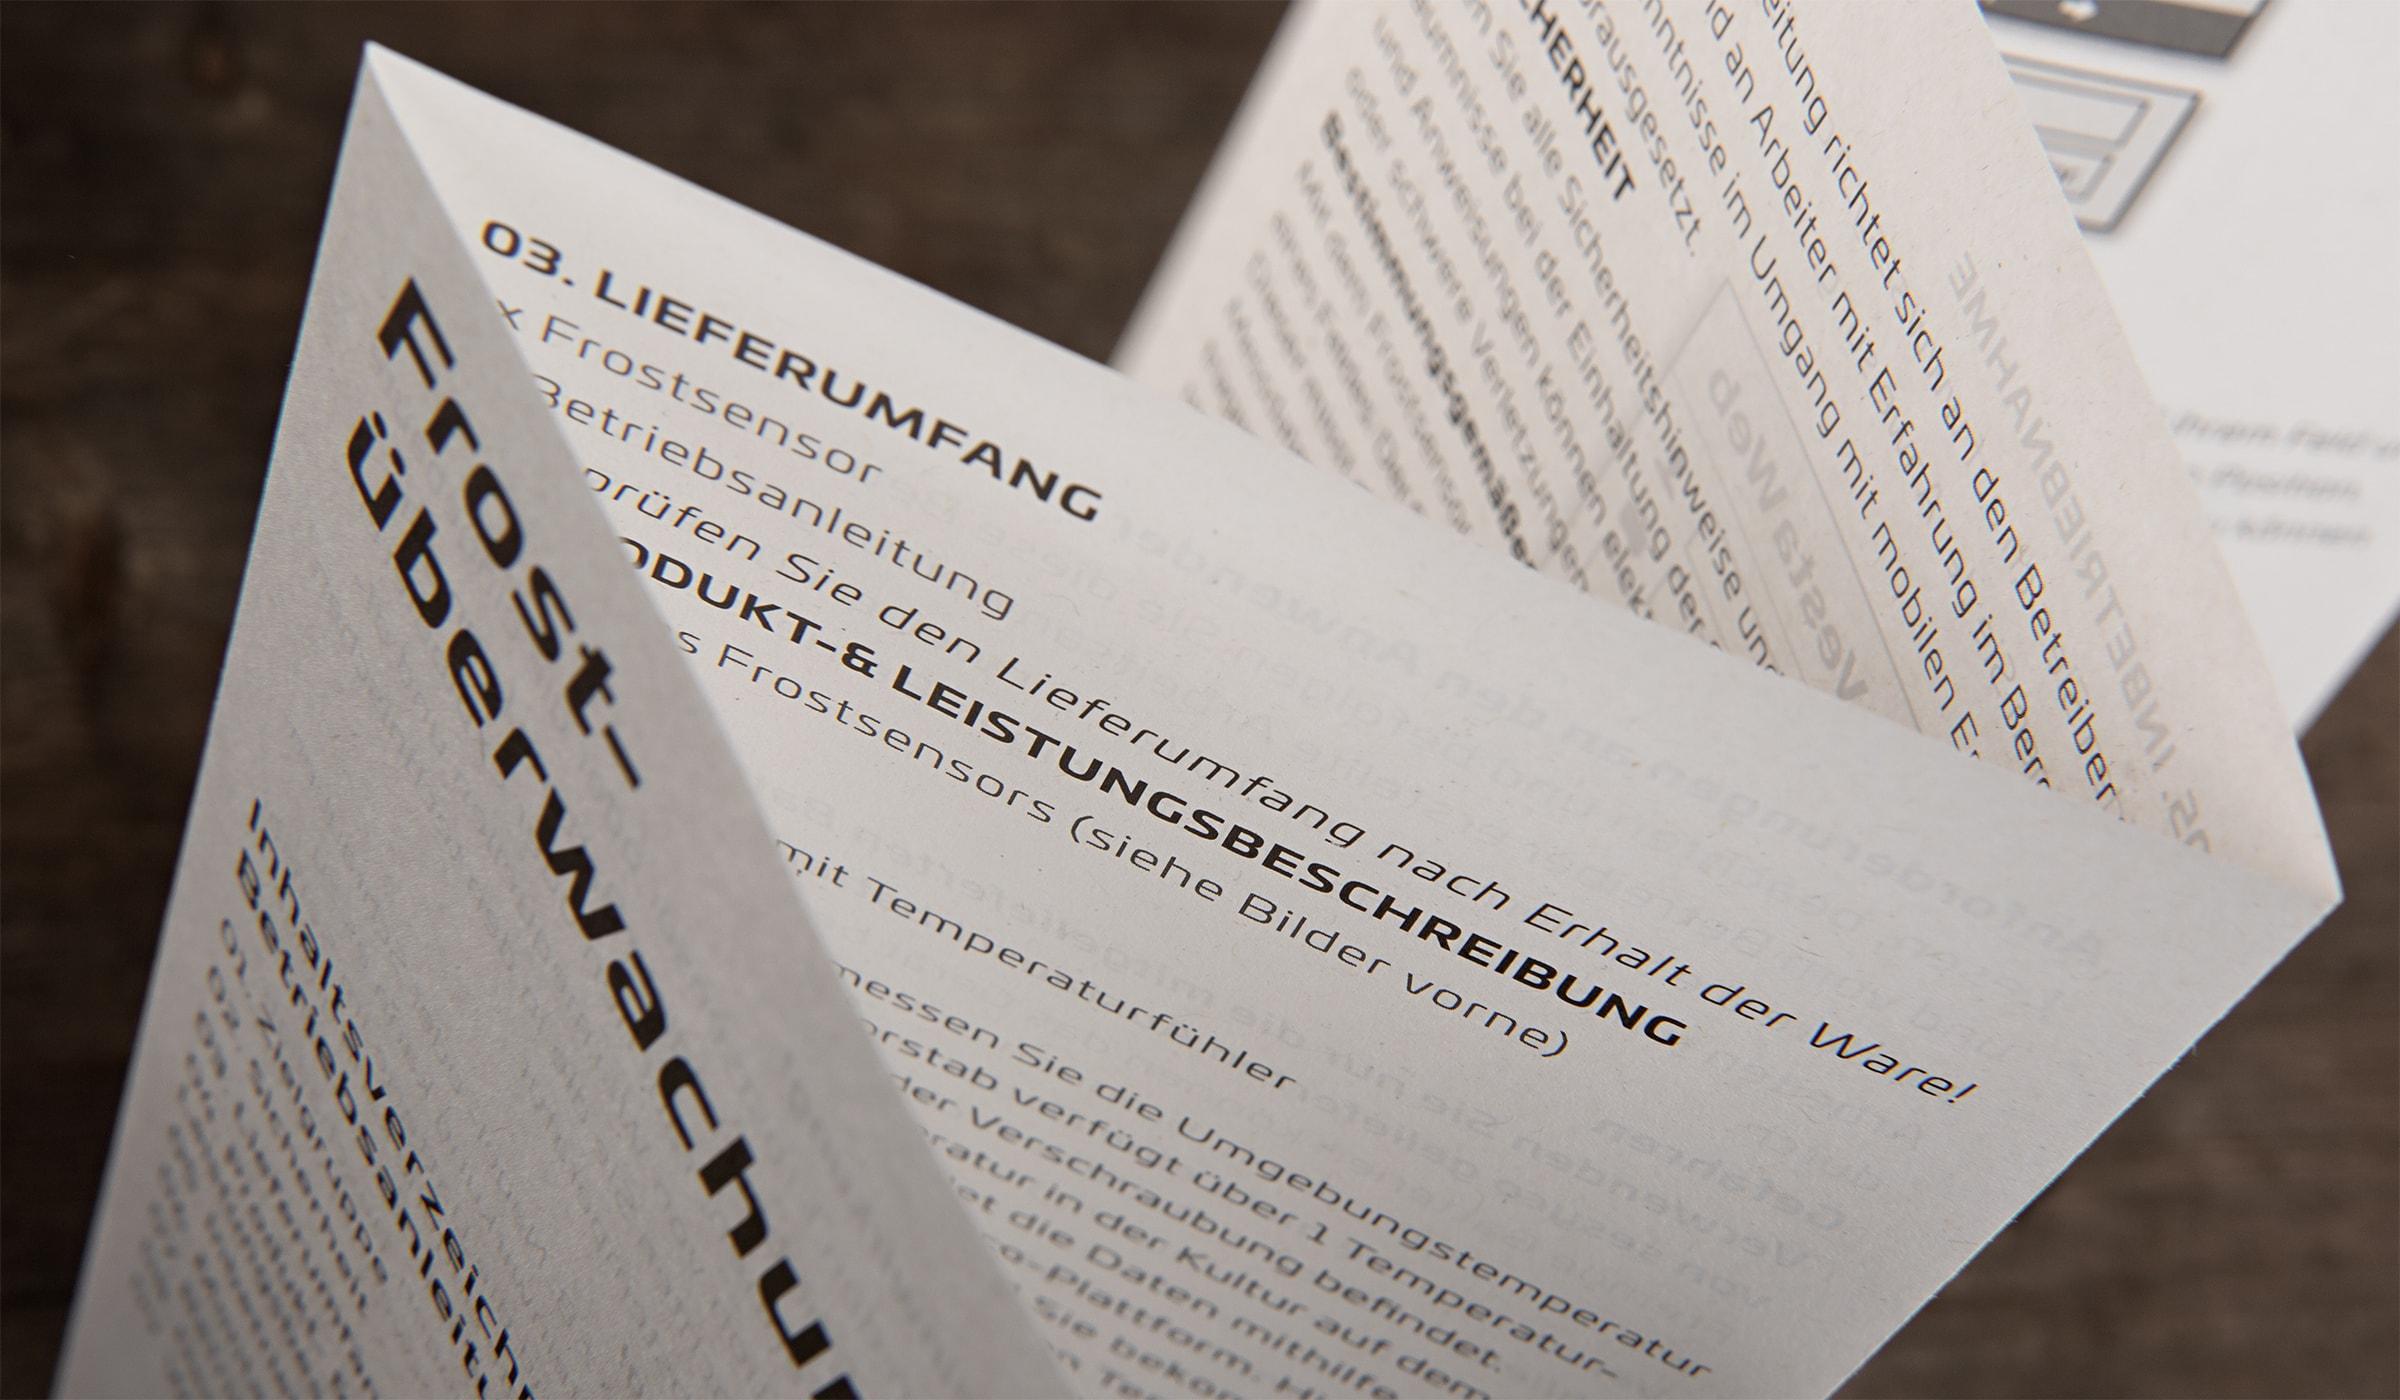 Brand Design für Sesyco aus Luxembourg entwickelt durch die Design- und Werbeagentur mieker - Konzept Design Strategie. Dem Kommunikationskonzept folgend zeigen sich die Gebrauchsanleitungen nachhaltig und umweltbewusst aus Recyclingpapier. Das Detail der Gebrauchsanleitung zeigt die Oberflächenstruktur des zu 100% recycelten des Papiers. Bestandteile des Branding: Grafik- und Kommunikationsdesign, Brand- und Corporate Design, Packaging Design, Logodesign, Werbemittel und Werbung. Regionen: Luxembourg, Saarbrücken, Trier, Koblenz, Mannheim